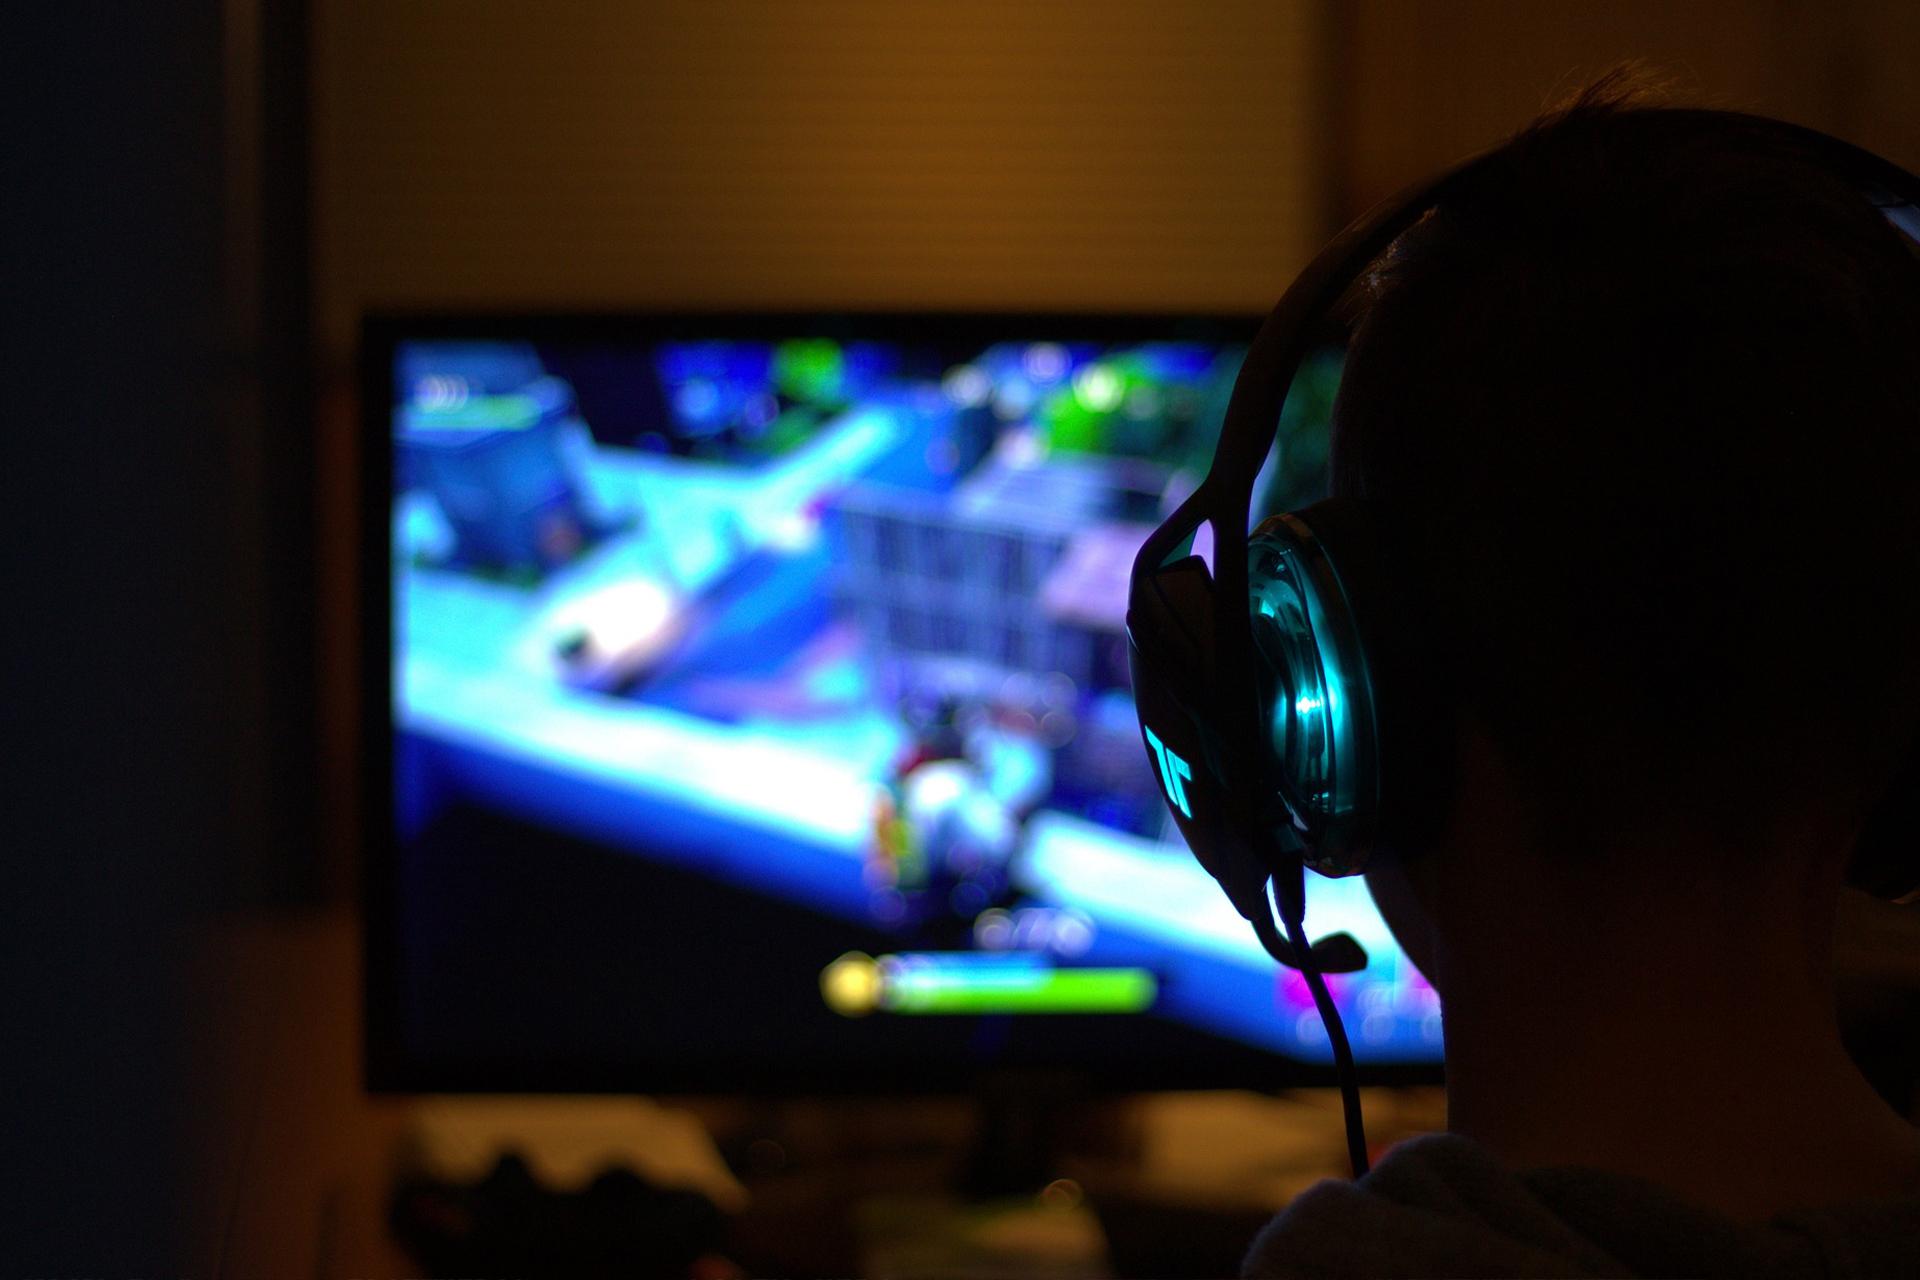 Игровая индустрия. Перспективы для инвесторов и ожидаемые IPO